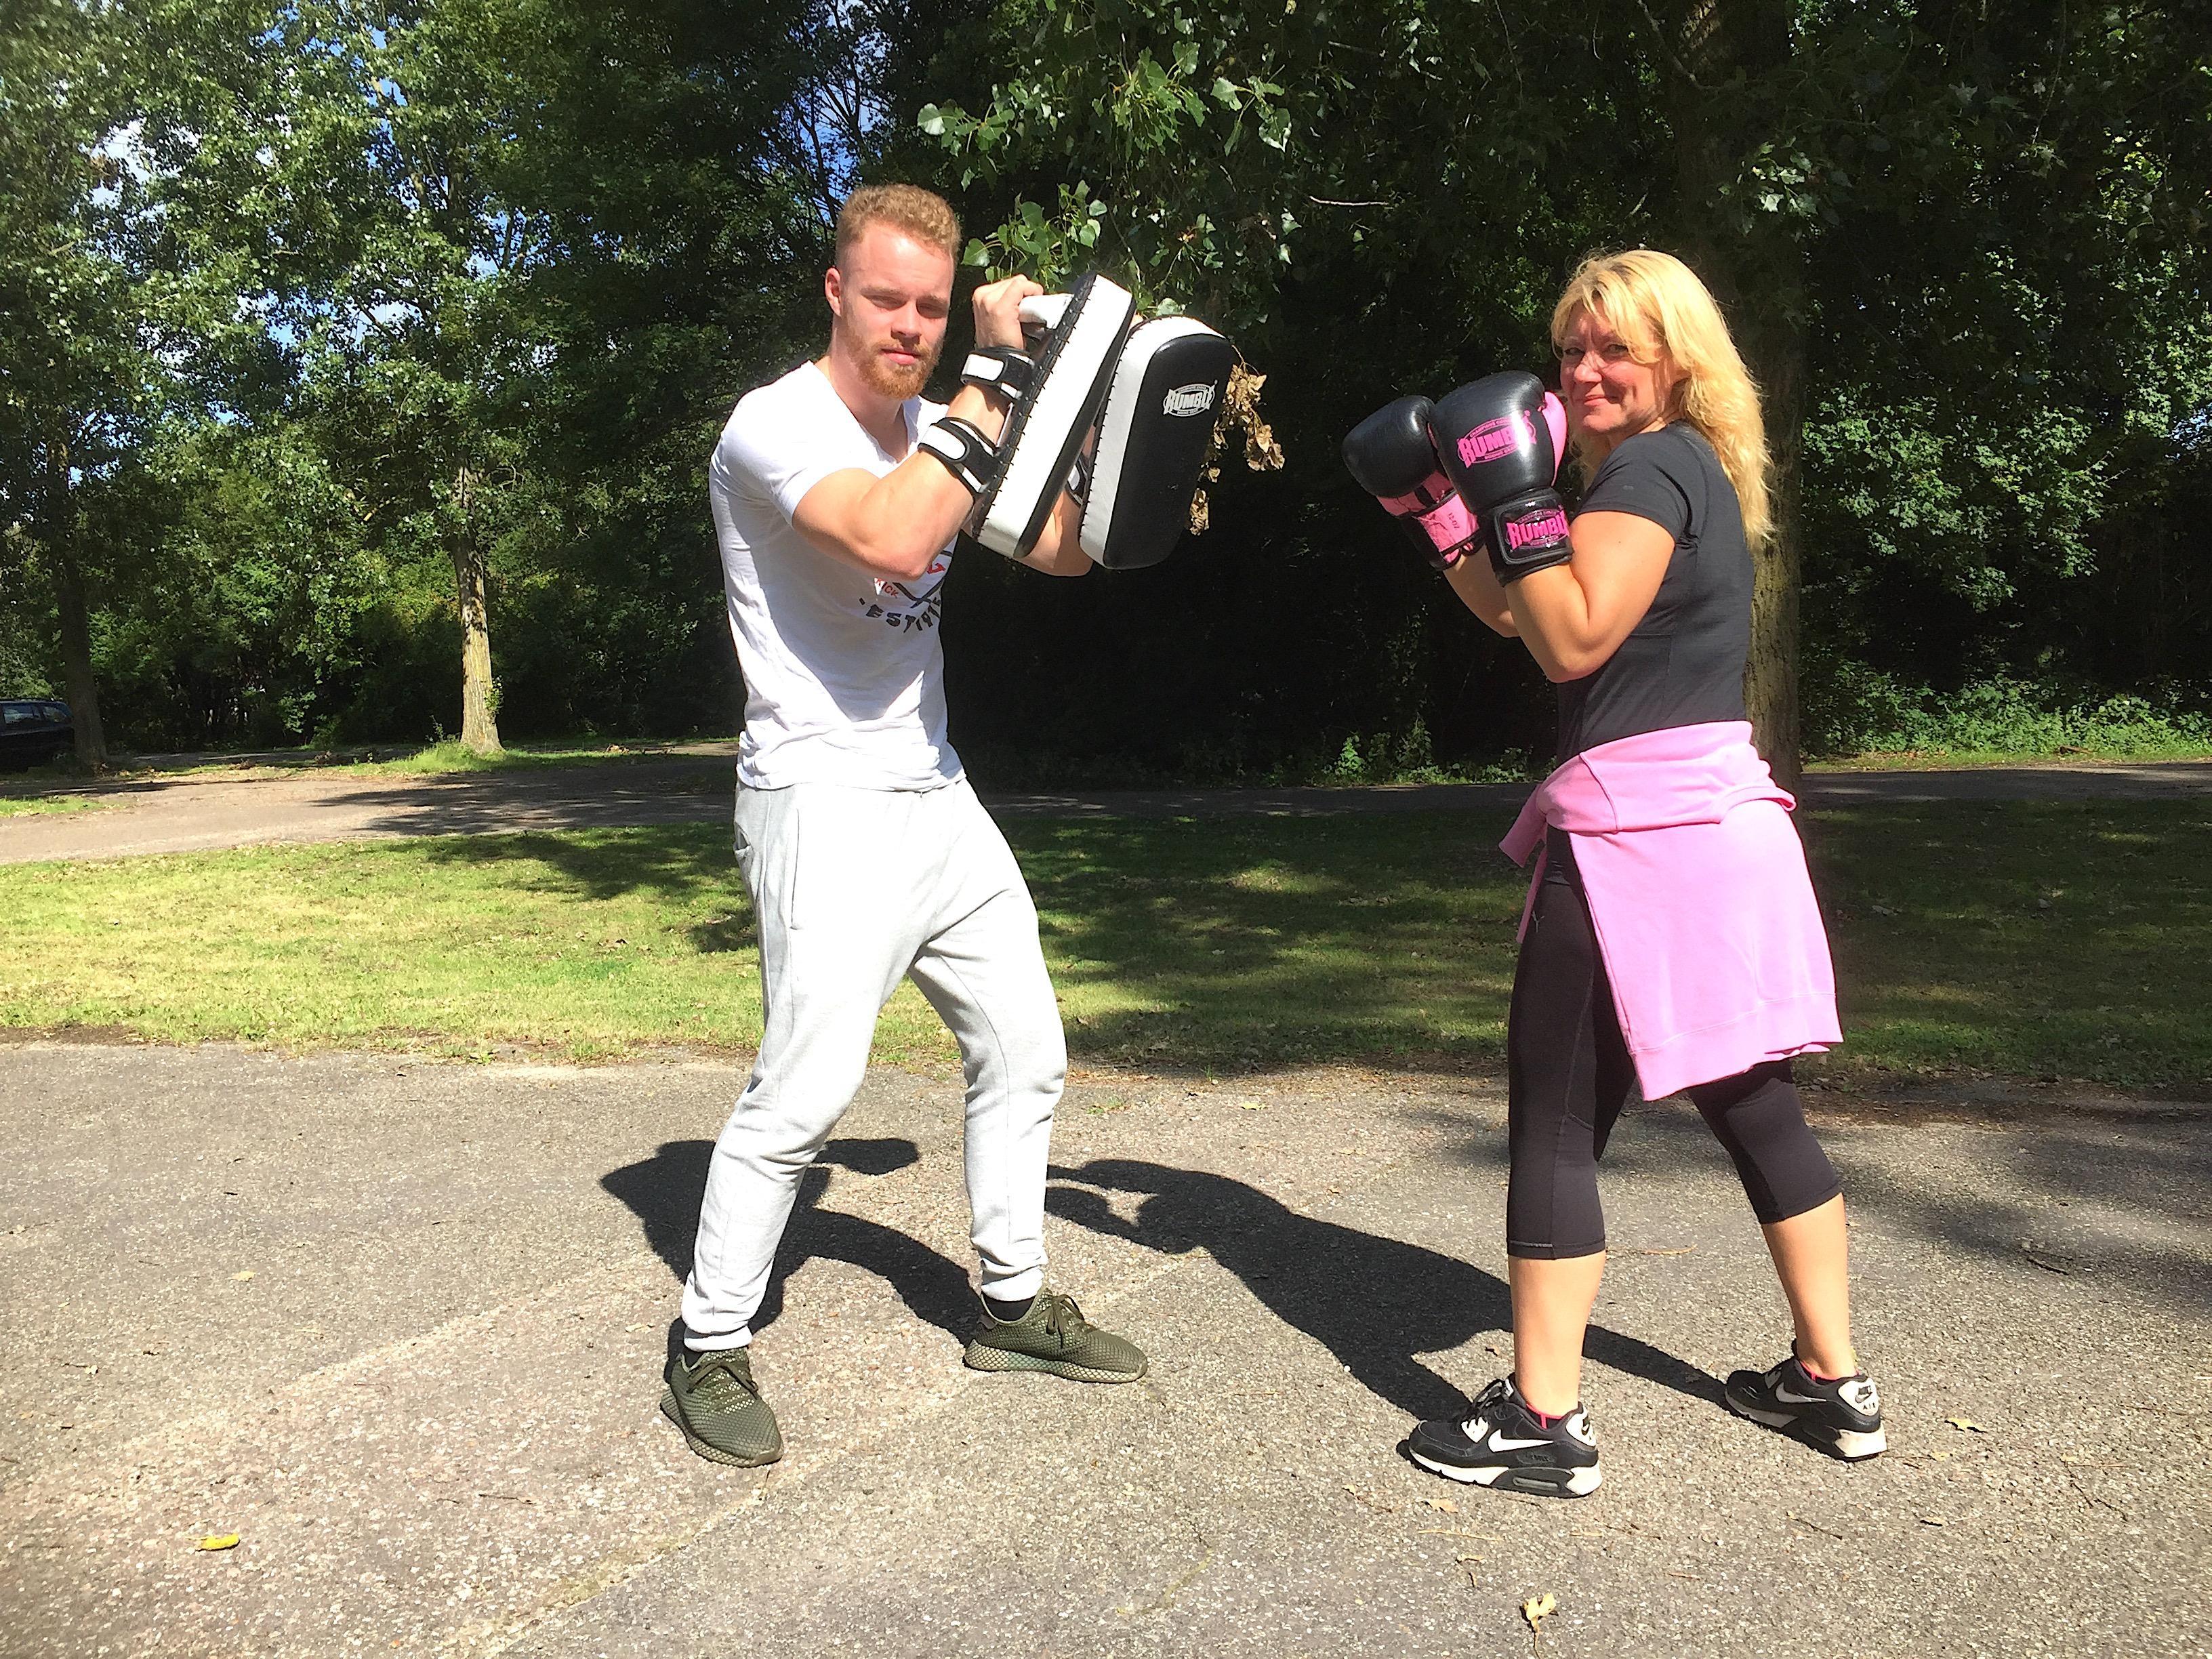 Onderweg: 'Lekker intensief' is de kickbokstraining die Andrea Tuinman krijgt van personal trainer Quincy Sijpenhof. De training heeft haar leven veranderd